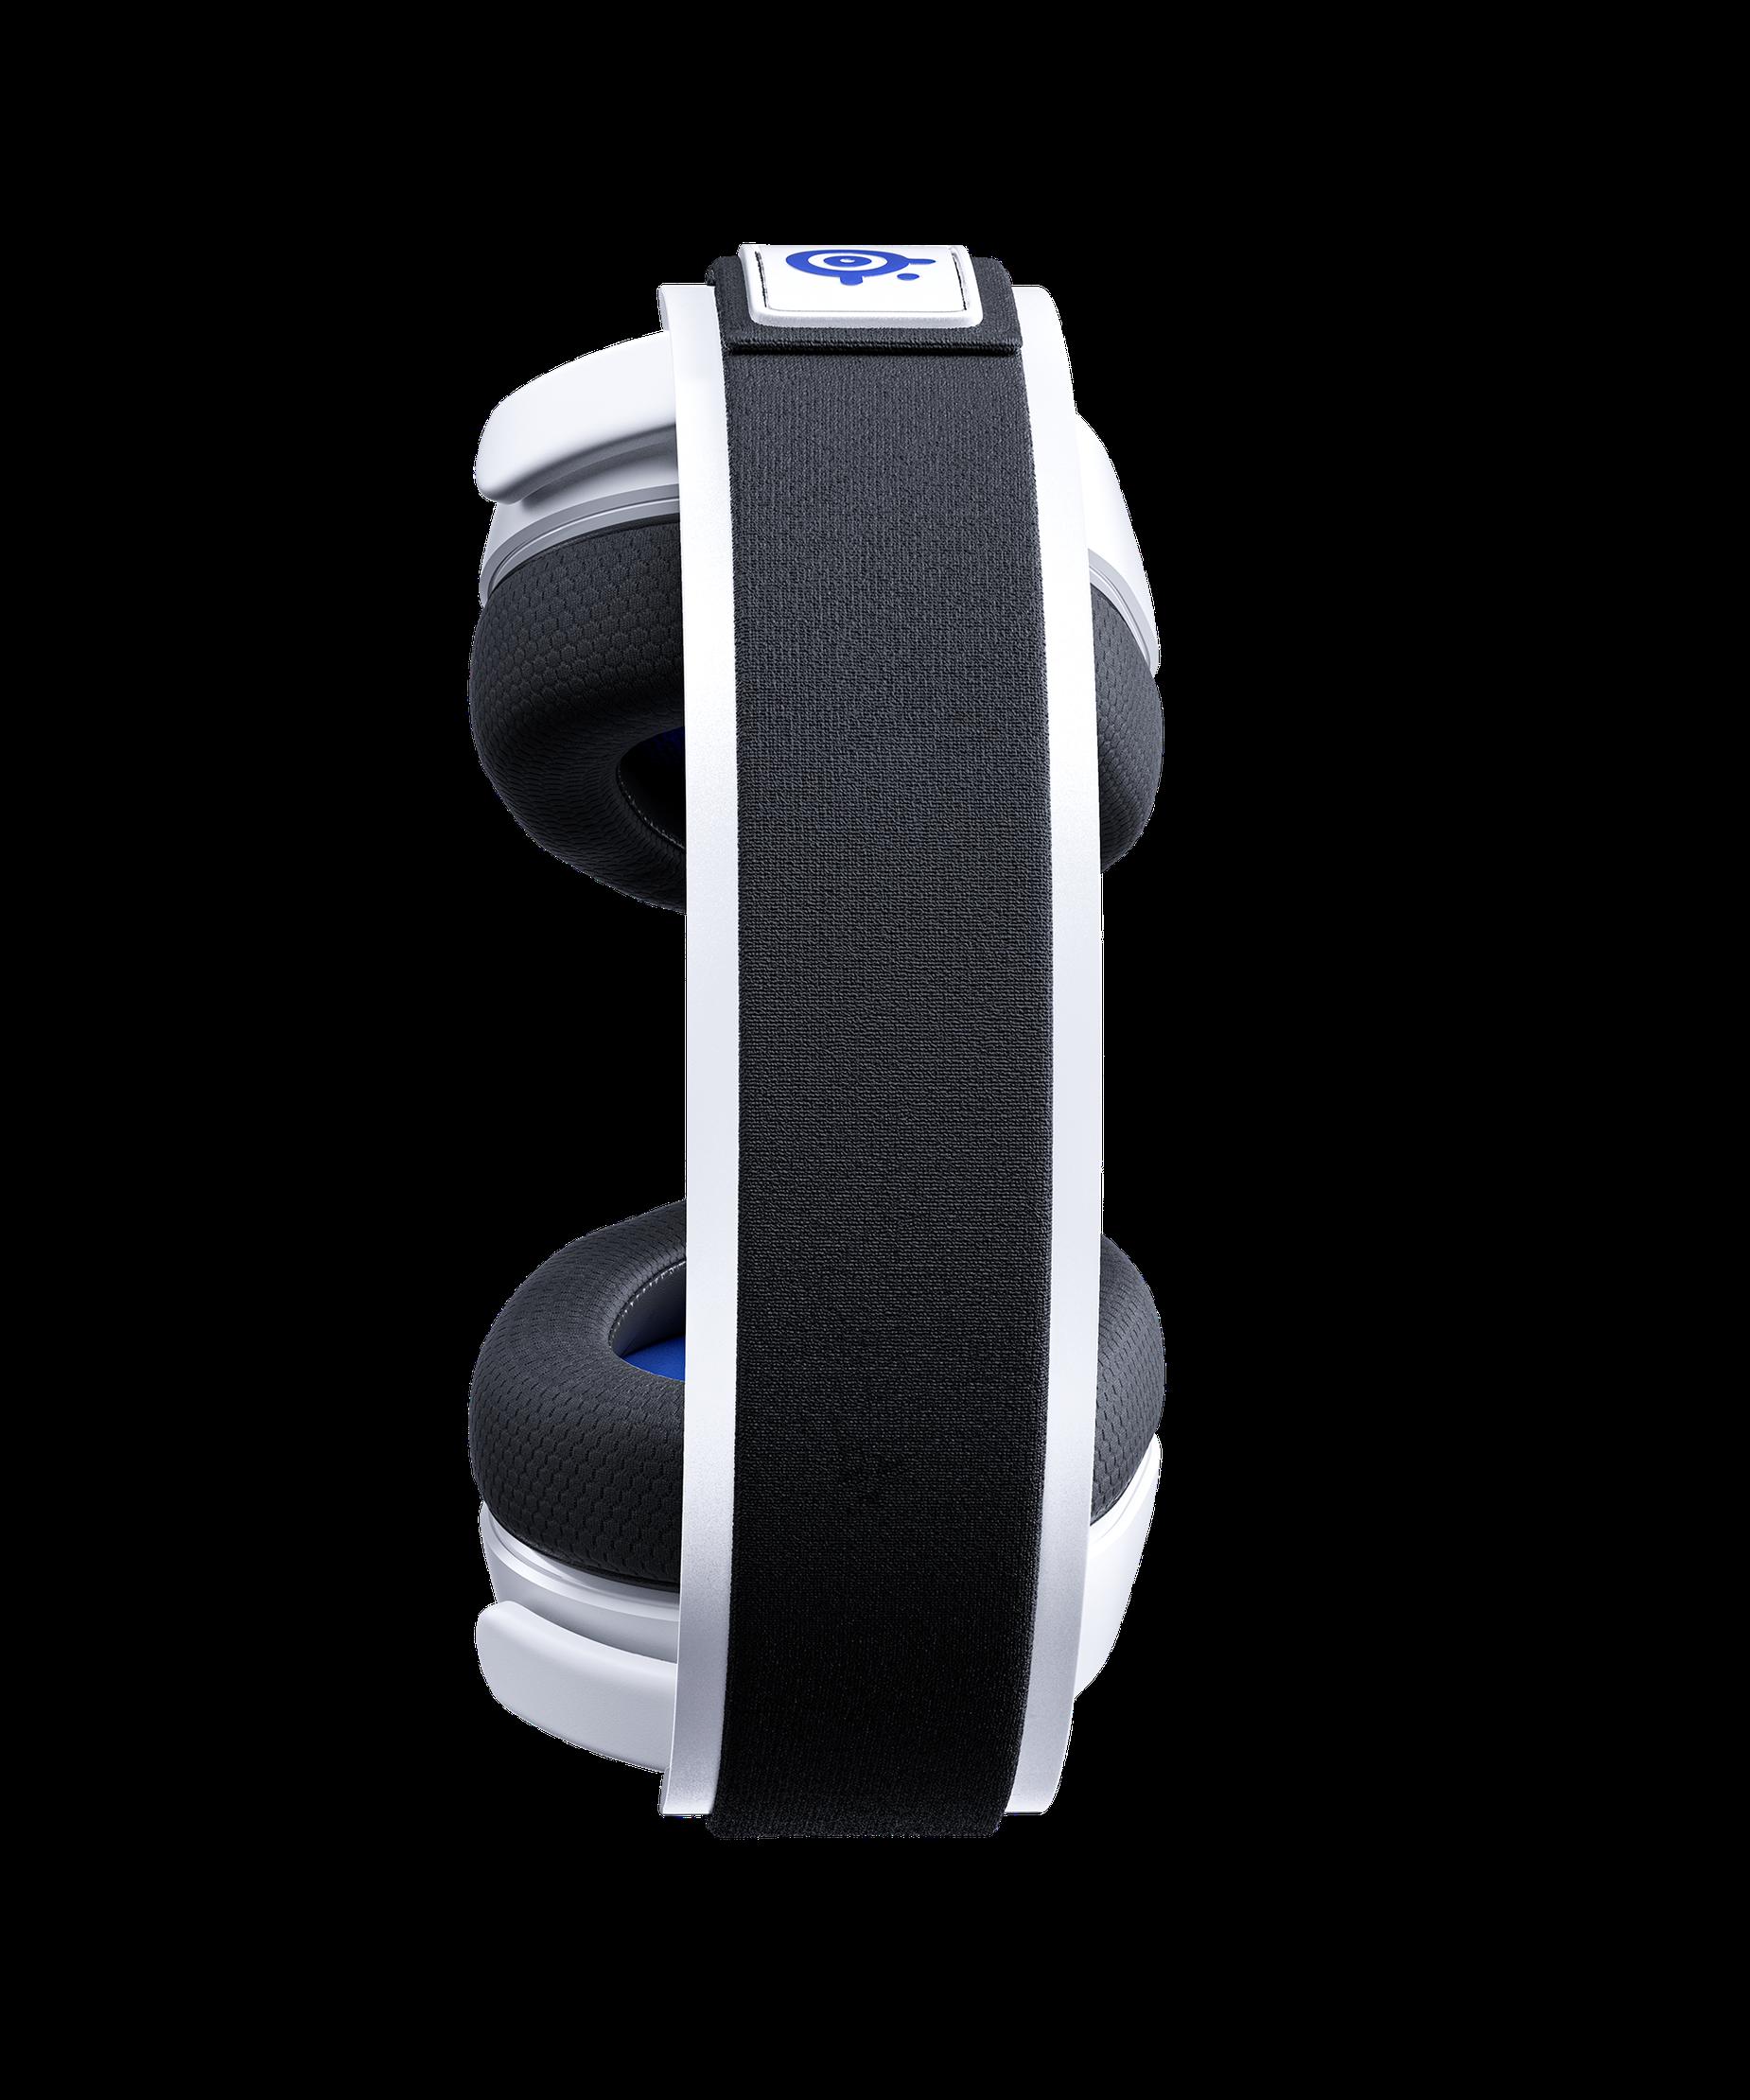 耳機俯視圖,且呈現出滑雪護目鏡頭帶與其設計